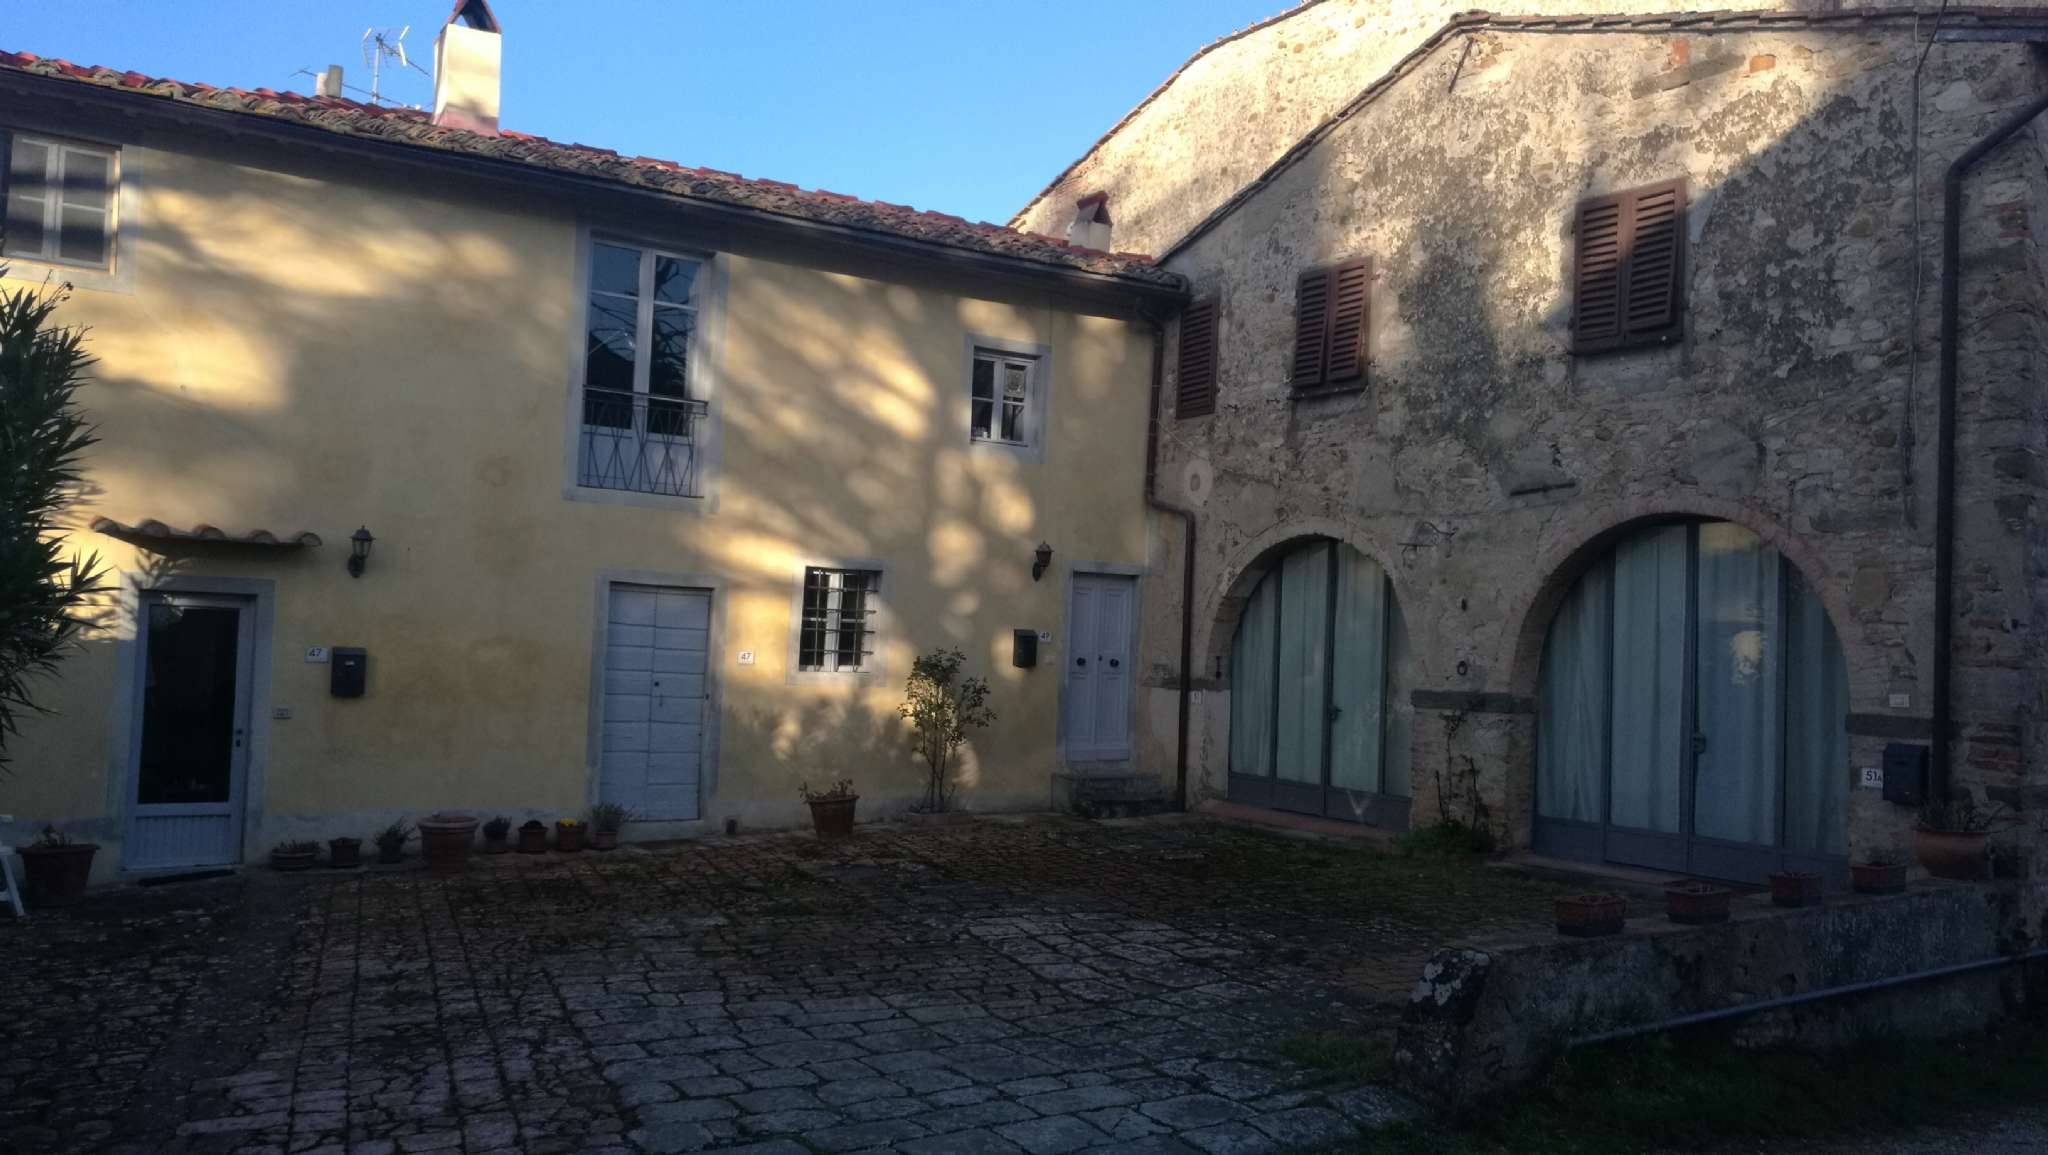 Rustico / Casale in affitto a San Casciano in Val di Pesa, 6 locali, prezzo € 1.550 | CambioCasa.it